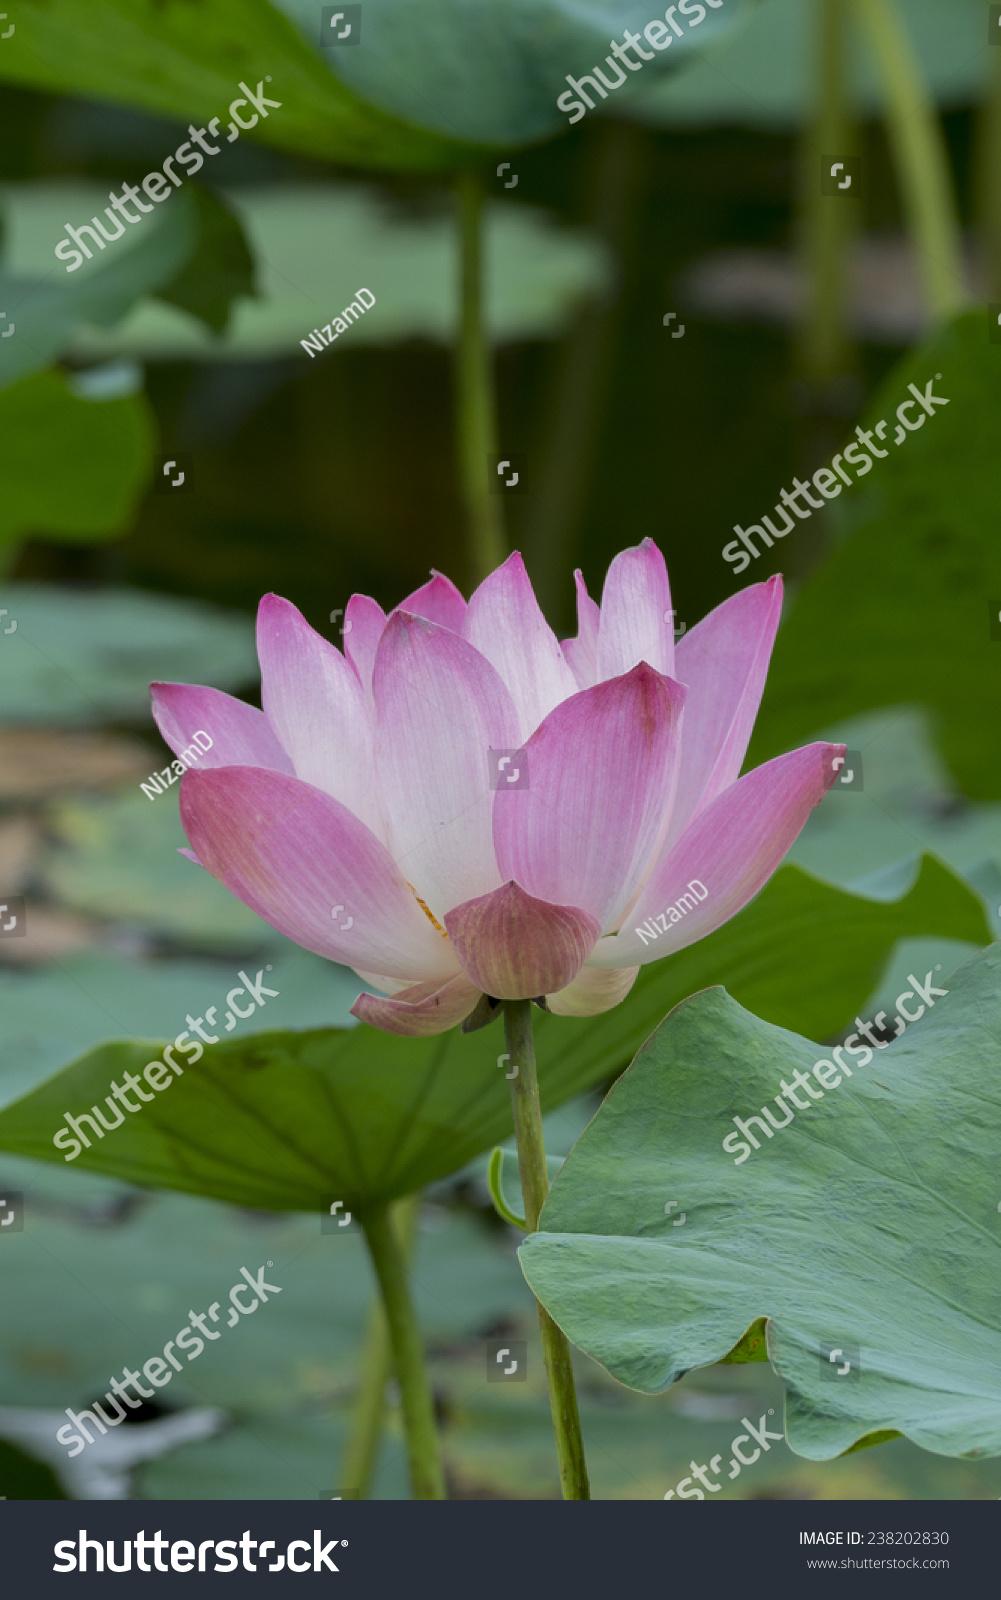 Lotus flower botanical name image collections flower wallpaper hd lotus flower bloom nelumbo nucifera botanical stock photo royalty lotus flower in bloom nelumbo nucifera is izmirmasajfo